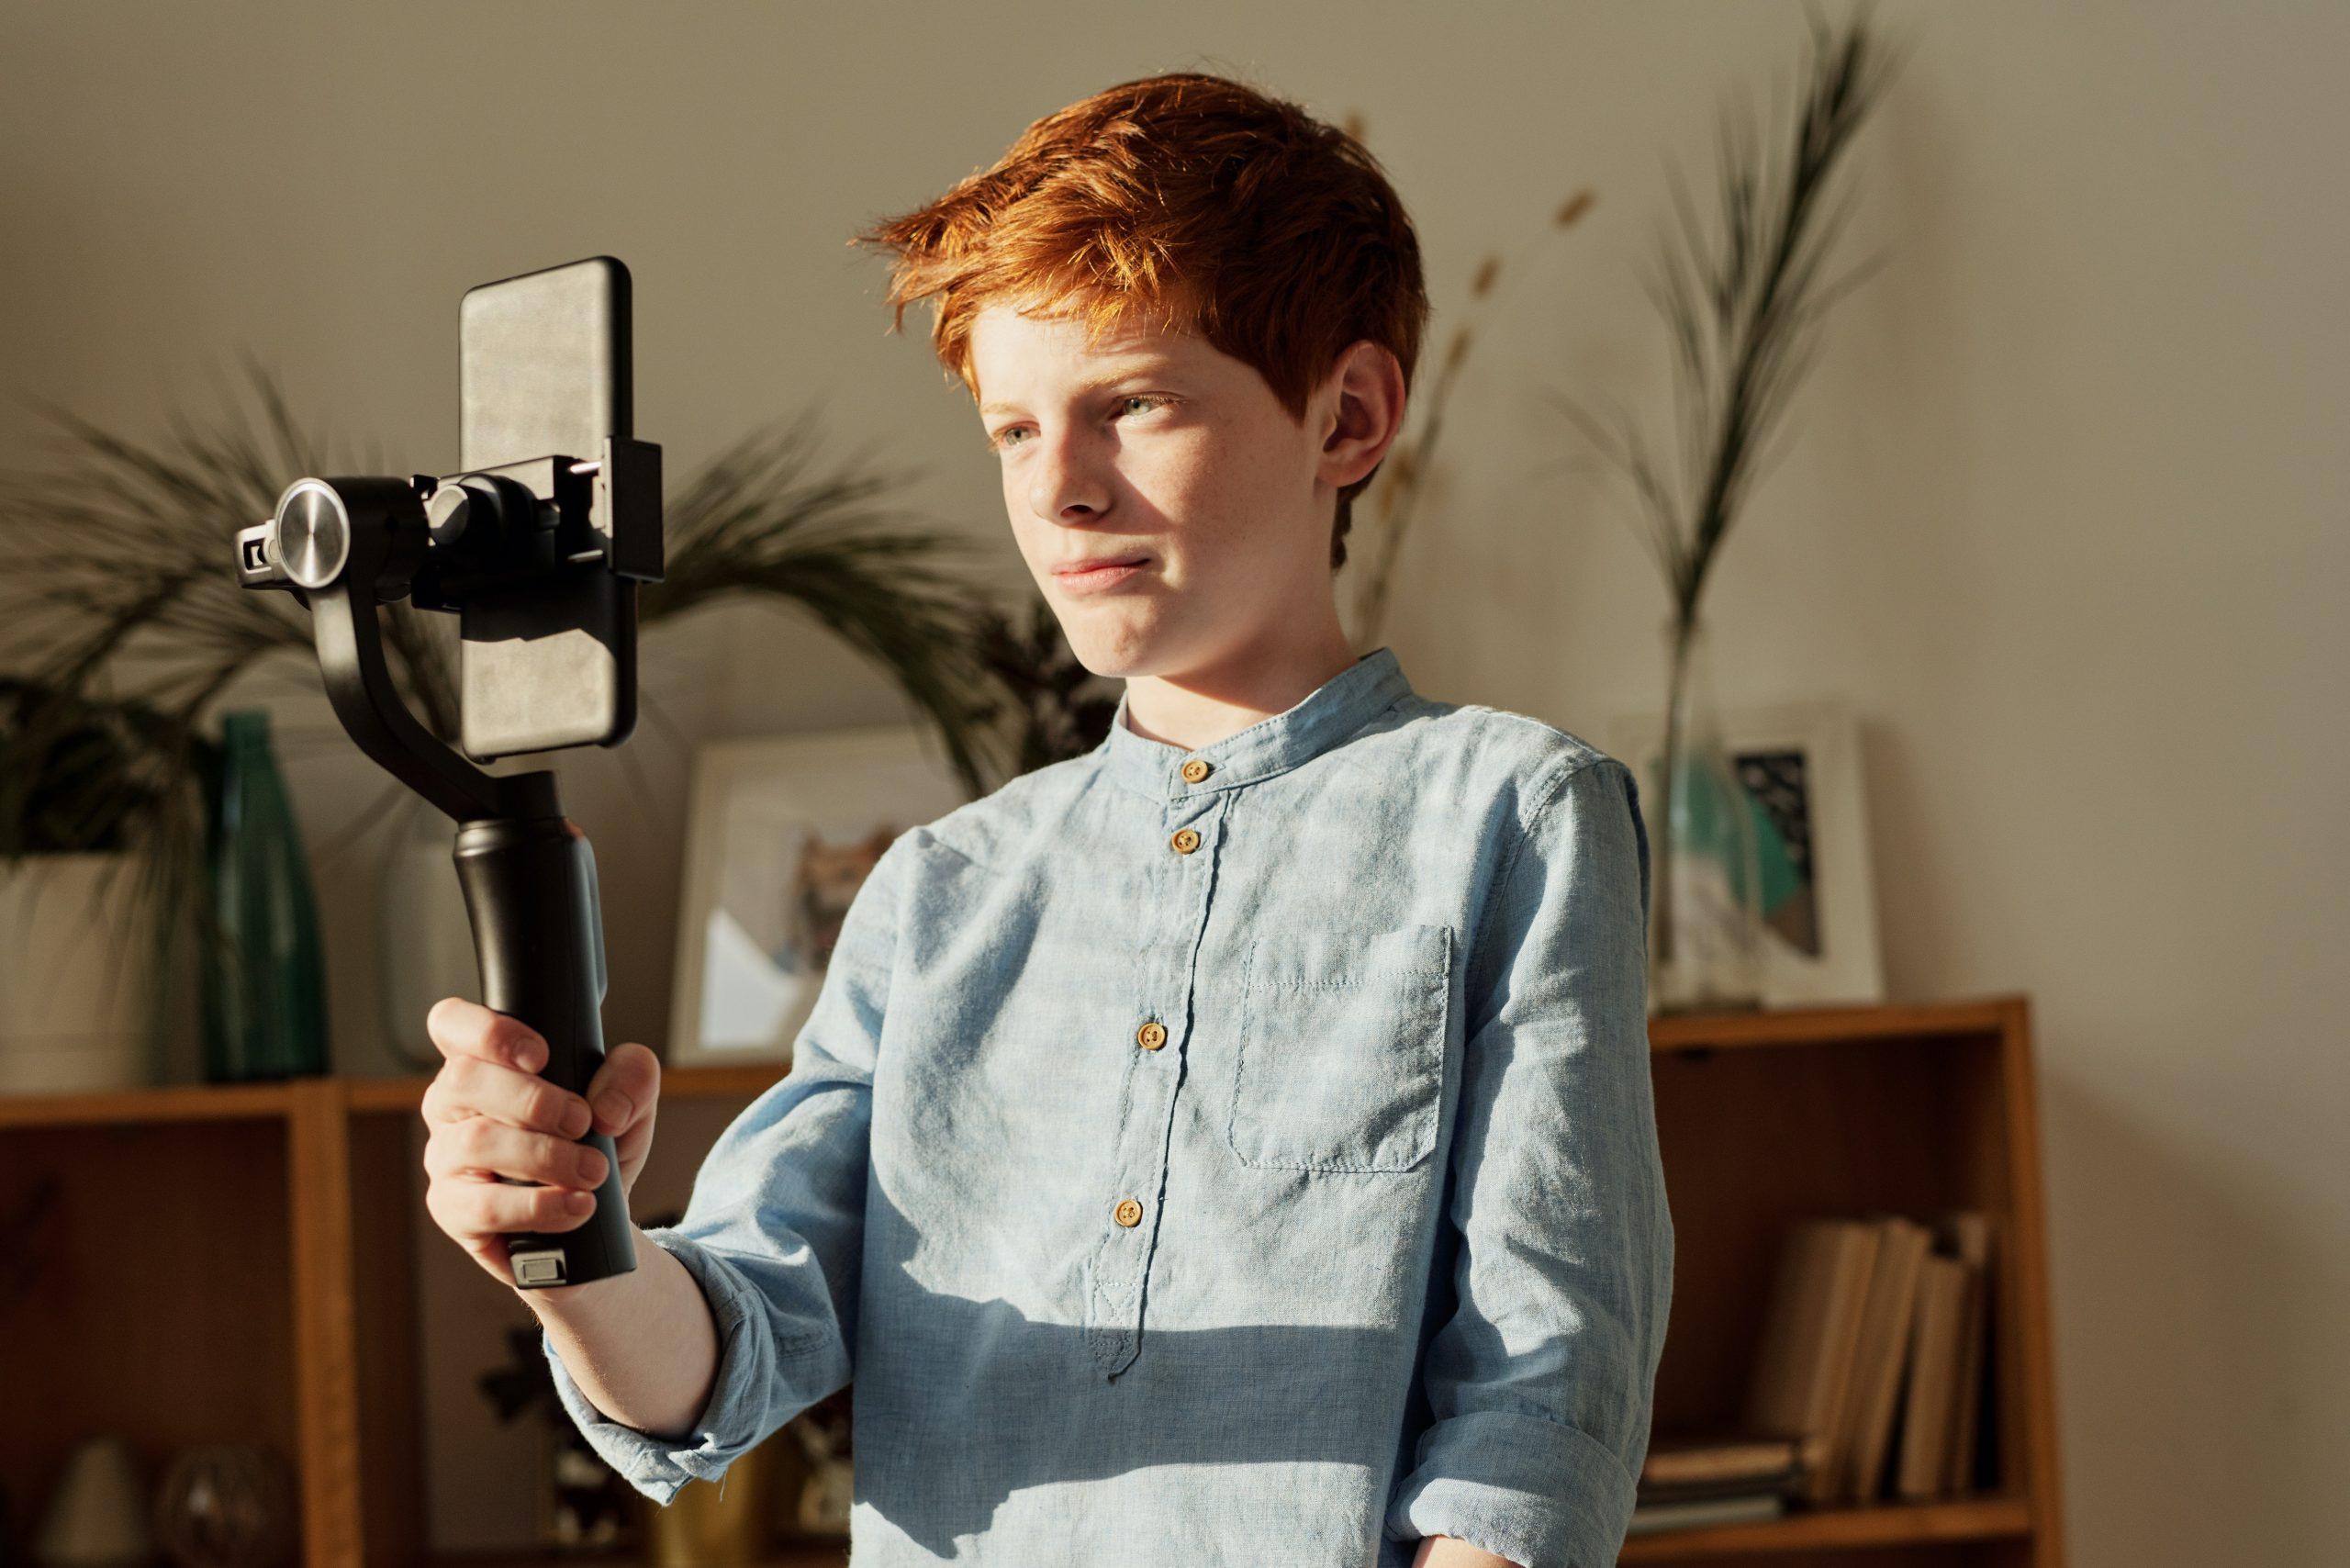 Imagem de um garoto segurando um bastão de selfie.